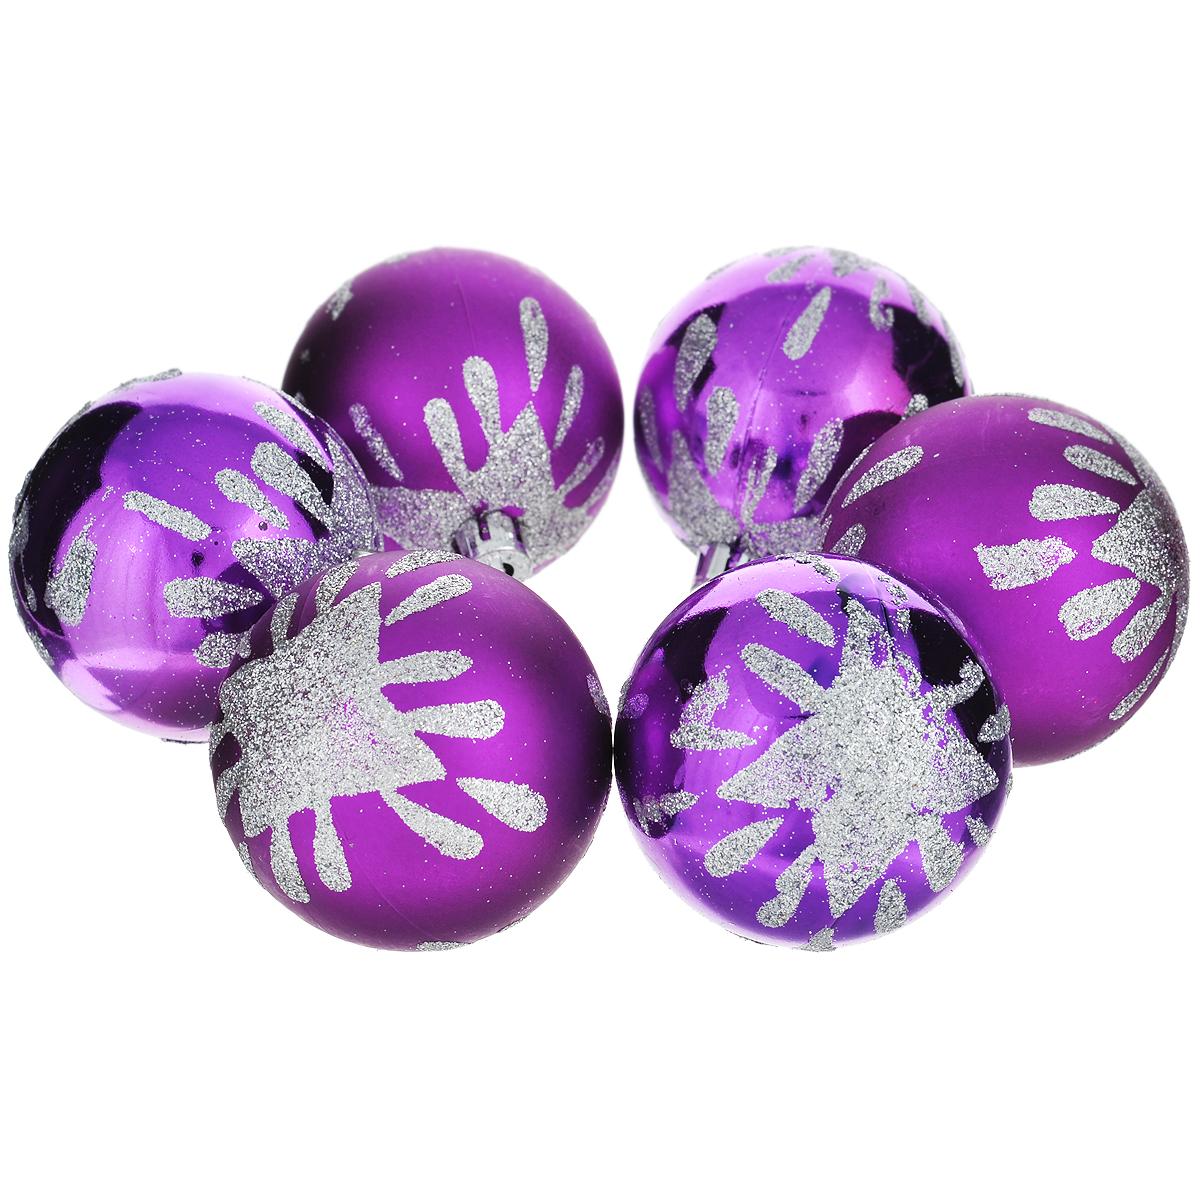 Набор новогодних подвесных украшений Шар, цвет: фиолетовый, диаметр 6 см, 6 шт. 35524 набор новогодних подвесных украшений феникс презент ассорти цвет красный диаметр 6 см 6 шт